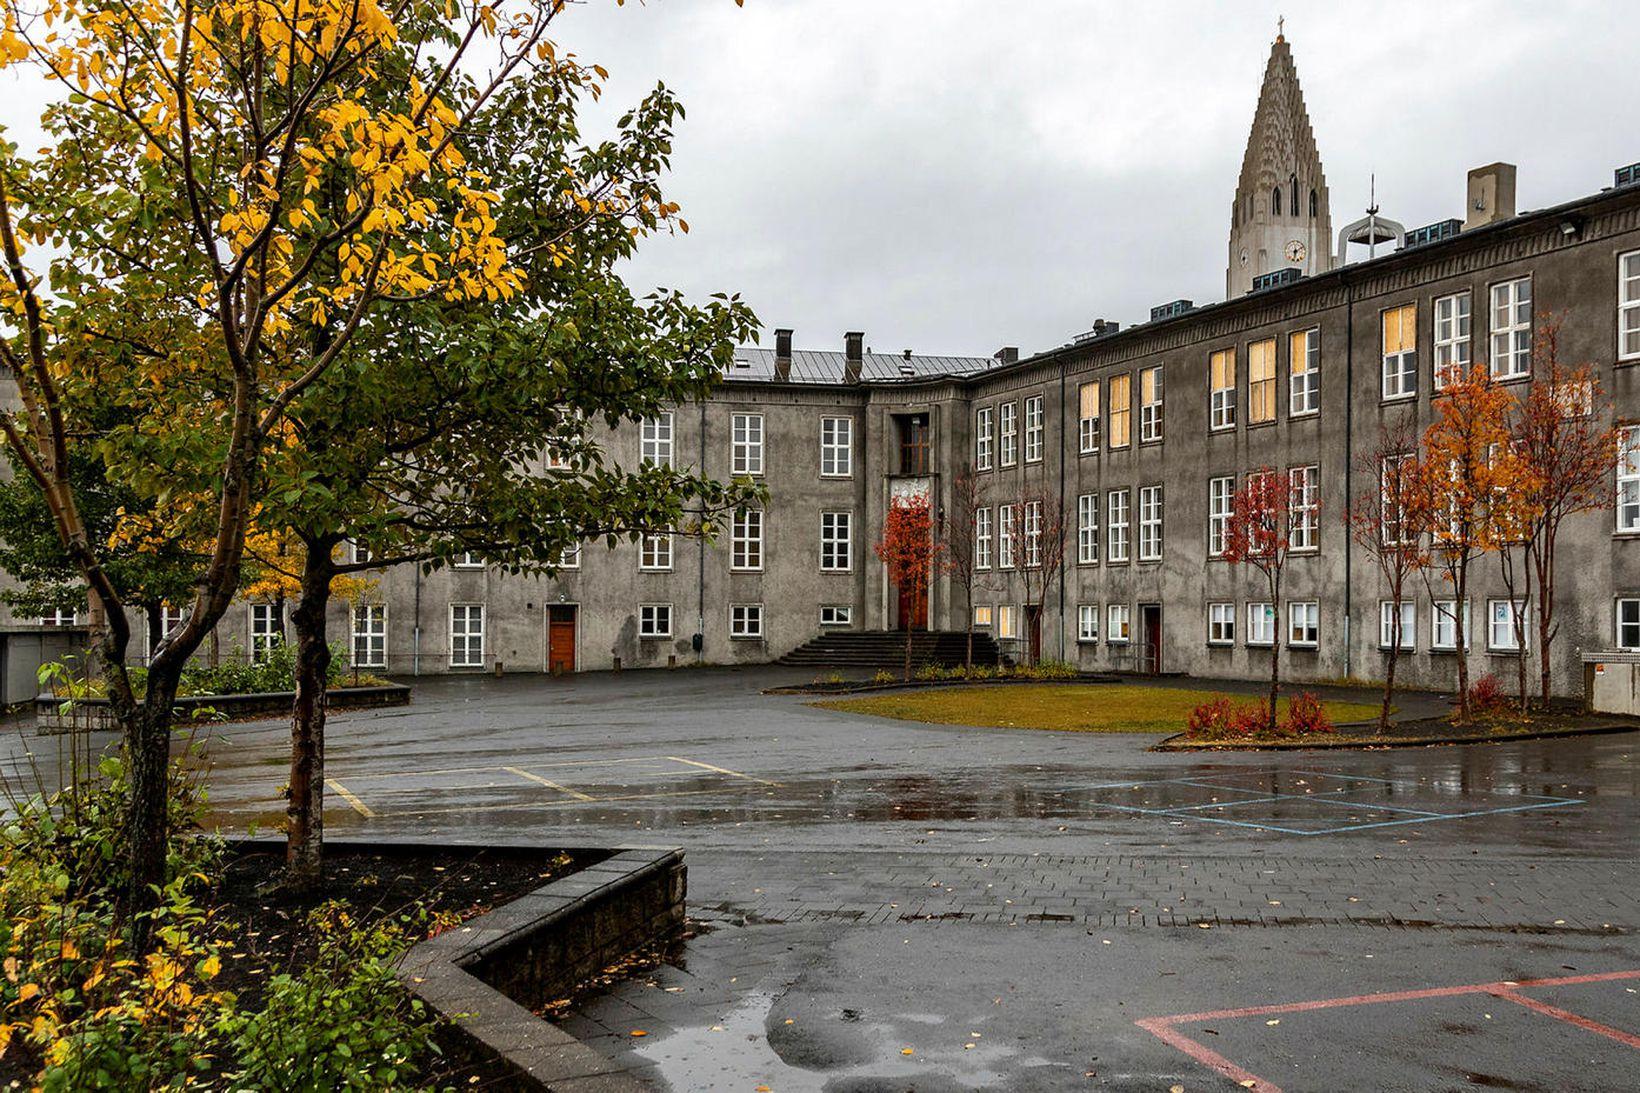 Allir nemendur unglingadeildar Austurbæjarskóla í Reykjavík eru í úrvinnslusóttkví þar …